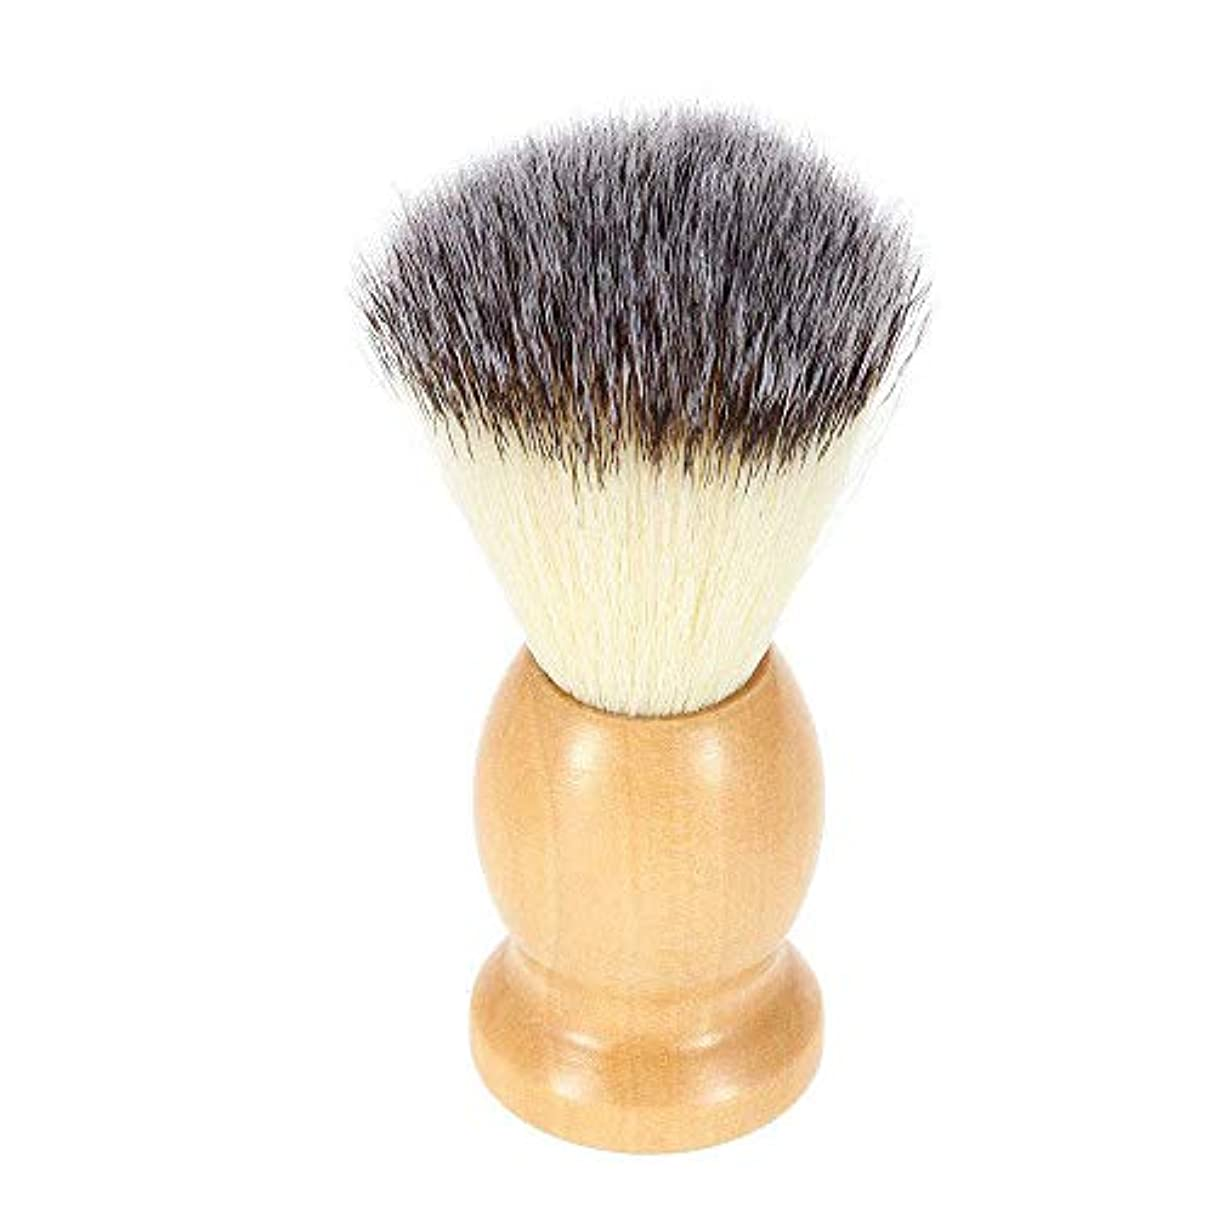 電話する市町村発掘1 ナイロンひげブラシ ハンドルシェービングブラシ 泡立ち 理容 洗顔 髭剃り ご主人メンズ用ブラシ 木製ひげブラシ